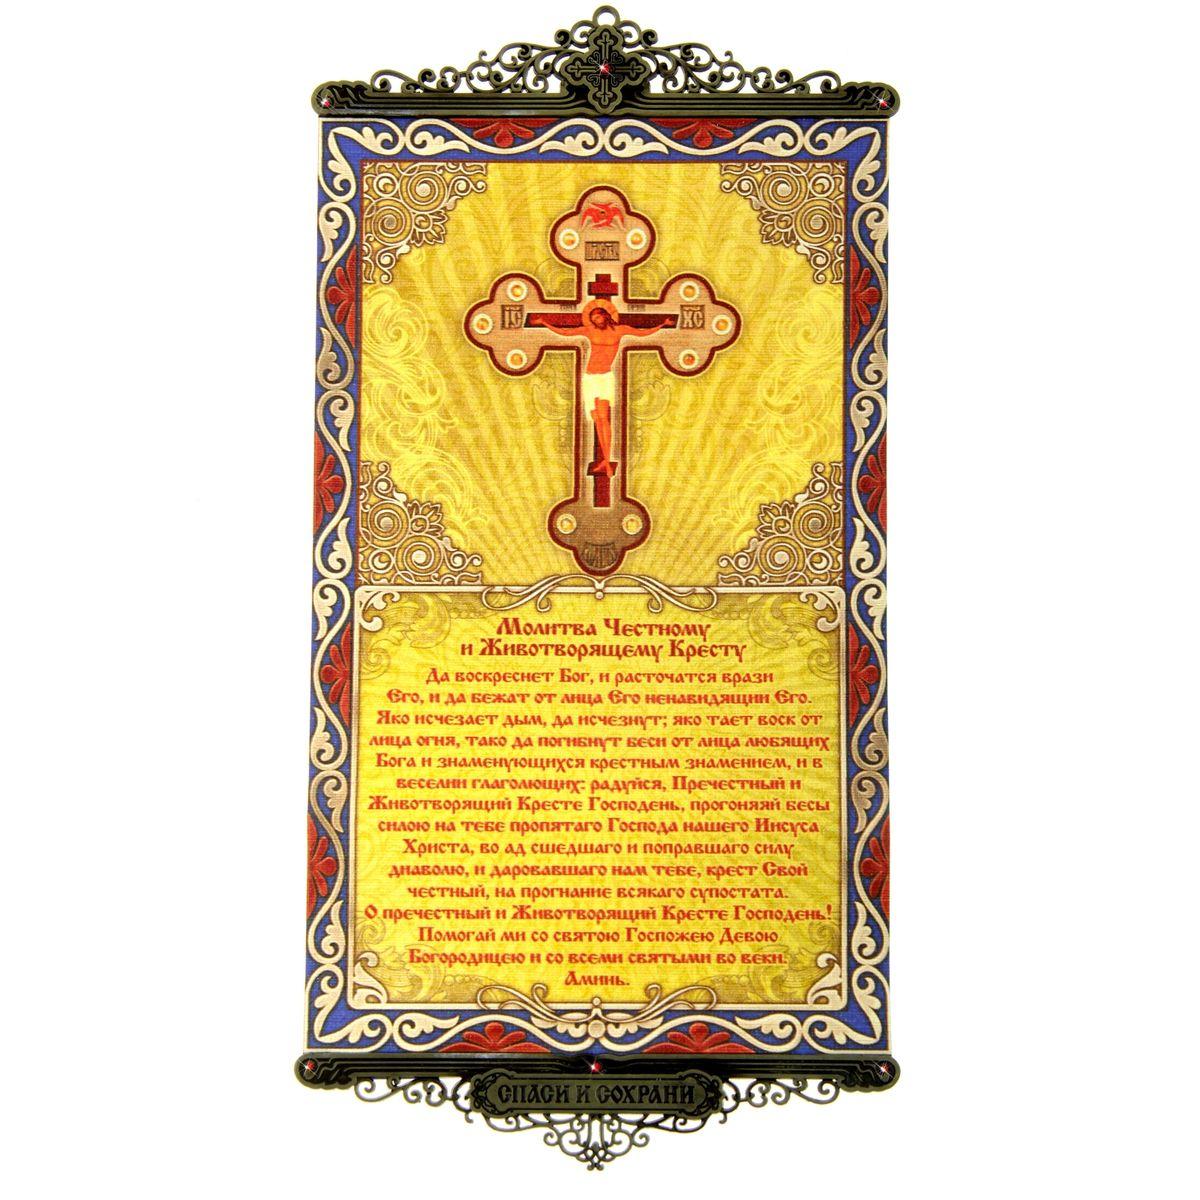 Икона с молитвой Молитва Честному и Животворящему Кресту, на подвесах54 009312Икона с молитвой Молитва Честному и Животворящему Кресту выполнена из плотного текстиля с нанесенным цветным рисунком, края декорированы ажурными металлическими вставками со стразами. Цветовая гамма и интерьер влияют на настроение каждого, именно поэтому так важны детали, которые нас окружают. Знатоки интерьерных решений стараются применять самые разнообразные решения при художественном оформлении внутреннего пространства и использовать все возможные материалы. Икона с молитвой на подвесах - это хорошее решение для интерьера по выгодной цене!